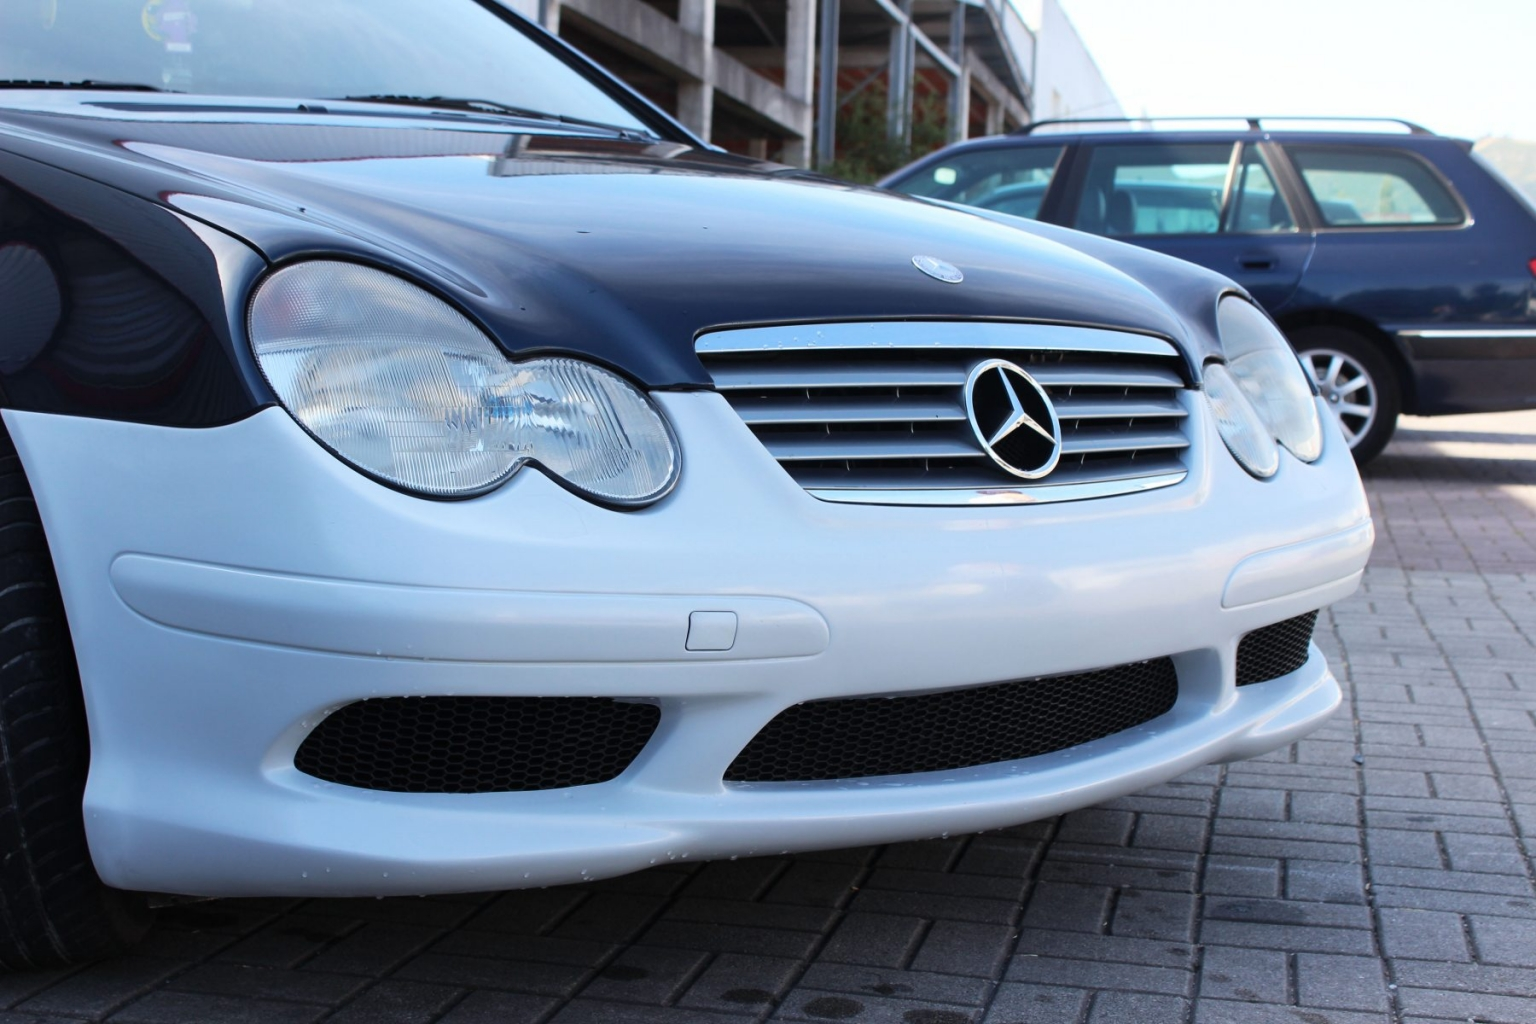 Mercedes-Benz-Class-C-C203-Sportcoupe-01-04-Para-choques-Frente-AMG-2